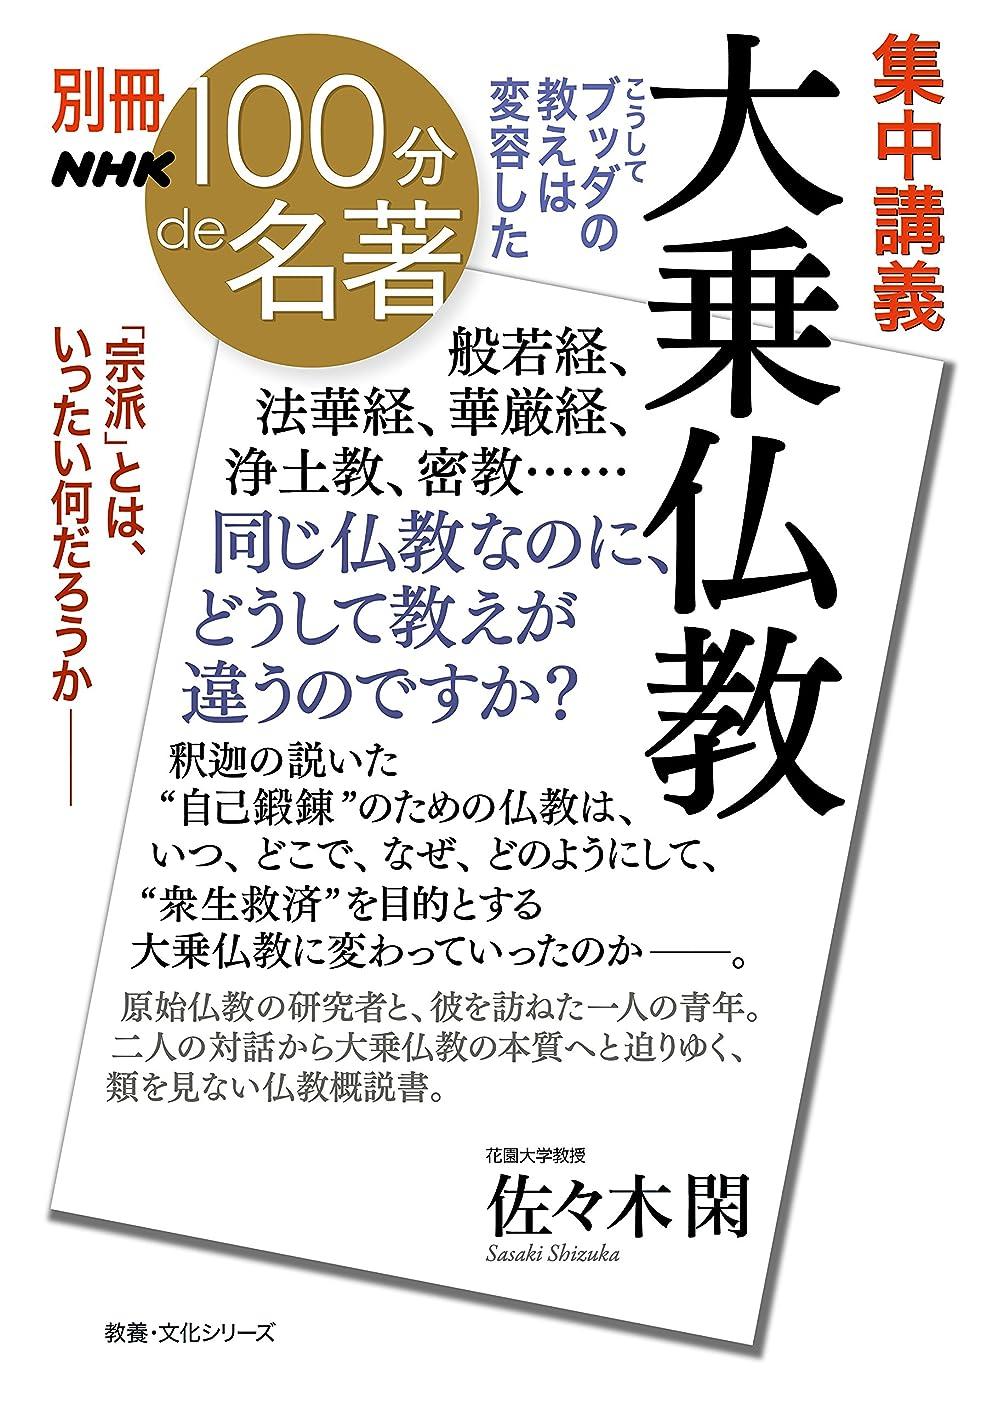 海峡ひも痛い扇動する別冊NHK100分de名著 集中講義 大乗仏教 こうしてブッダの教えは変容した